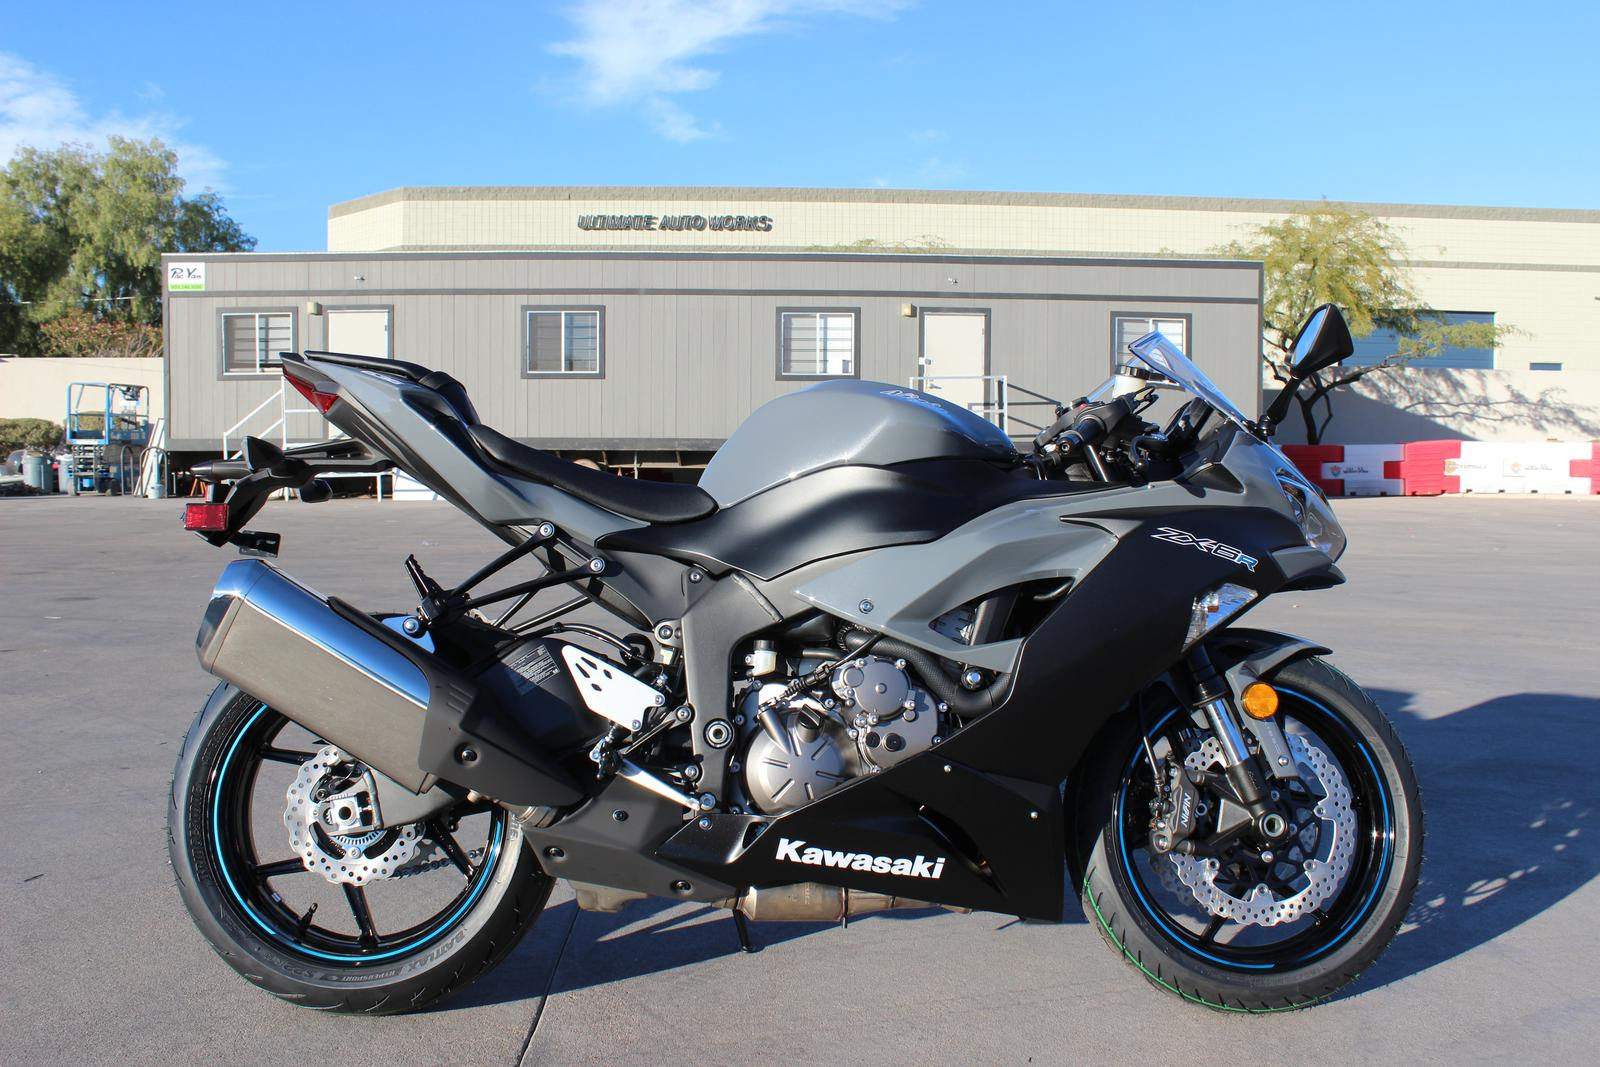 2019 Kawasaki Zx 6r Abs For Sale In Scottsdale Az Go Az